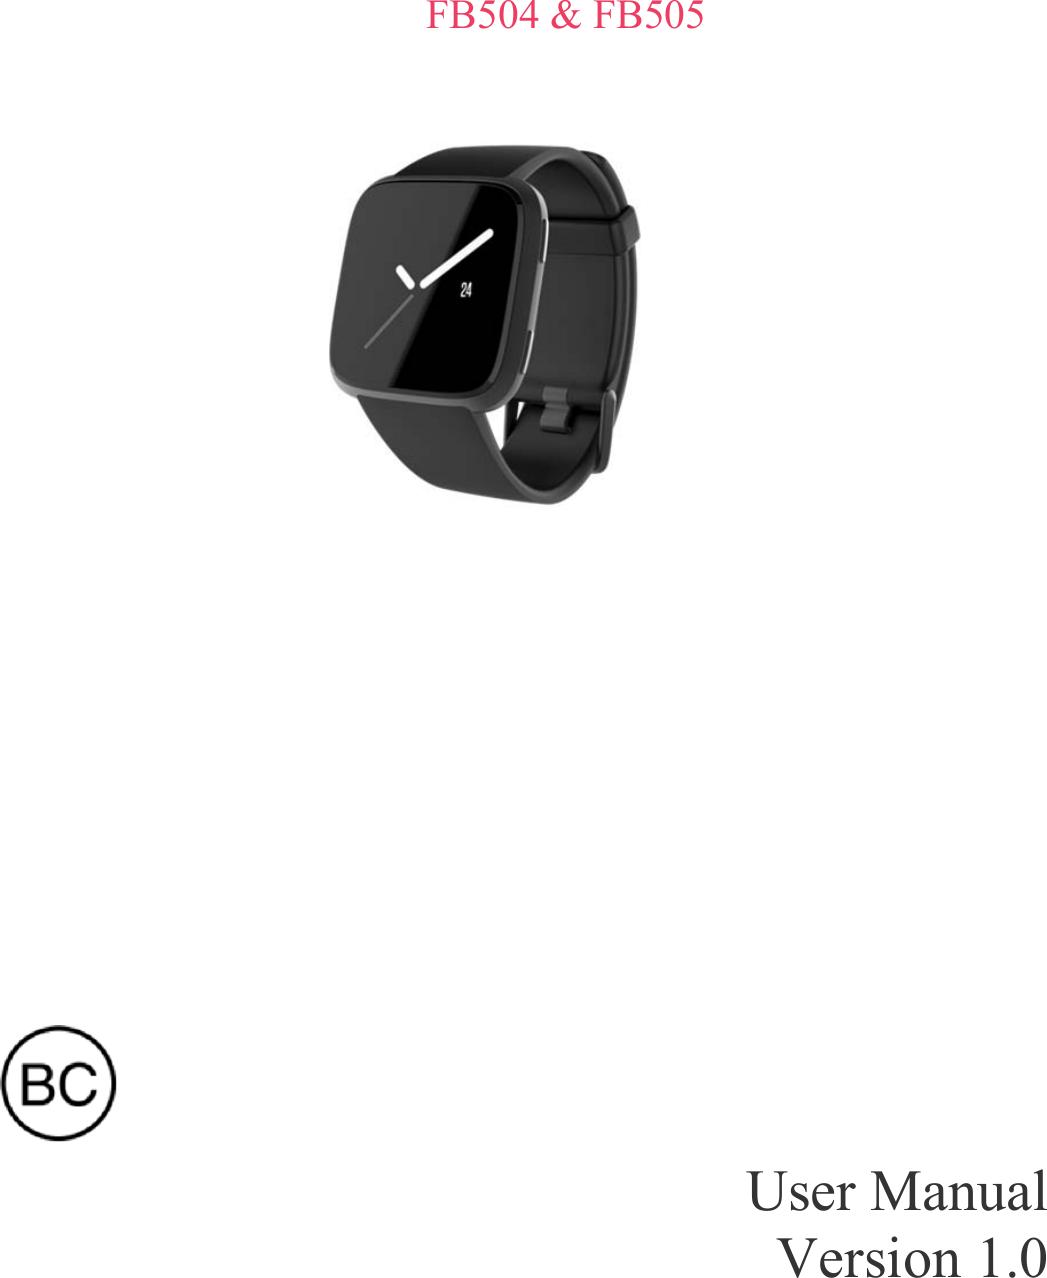 Fitbit FB505 Smart Watch User Manual FB505 FB504 user manual